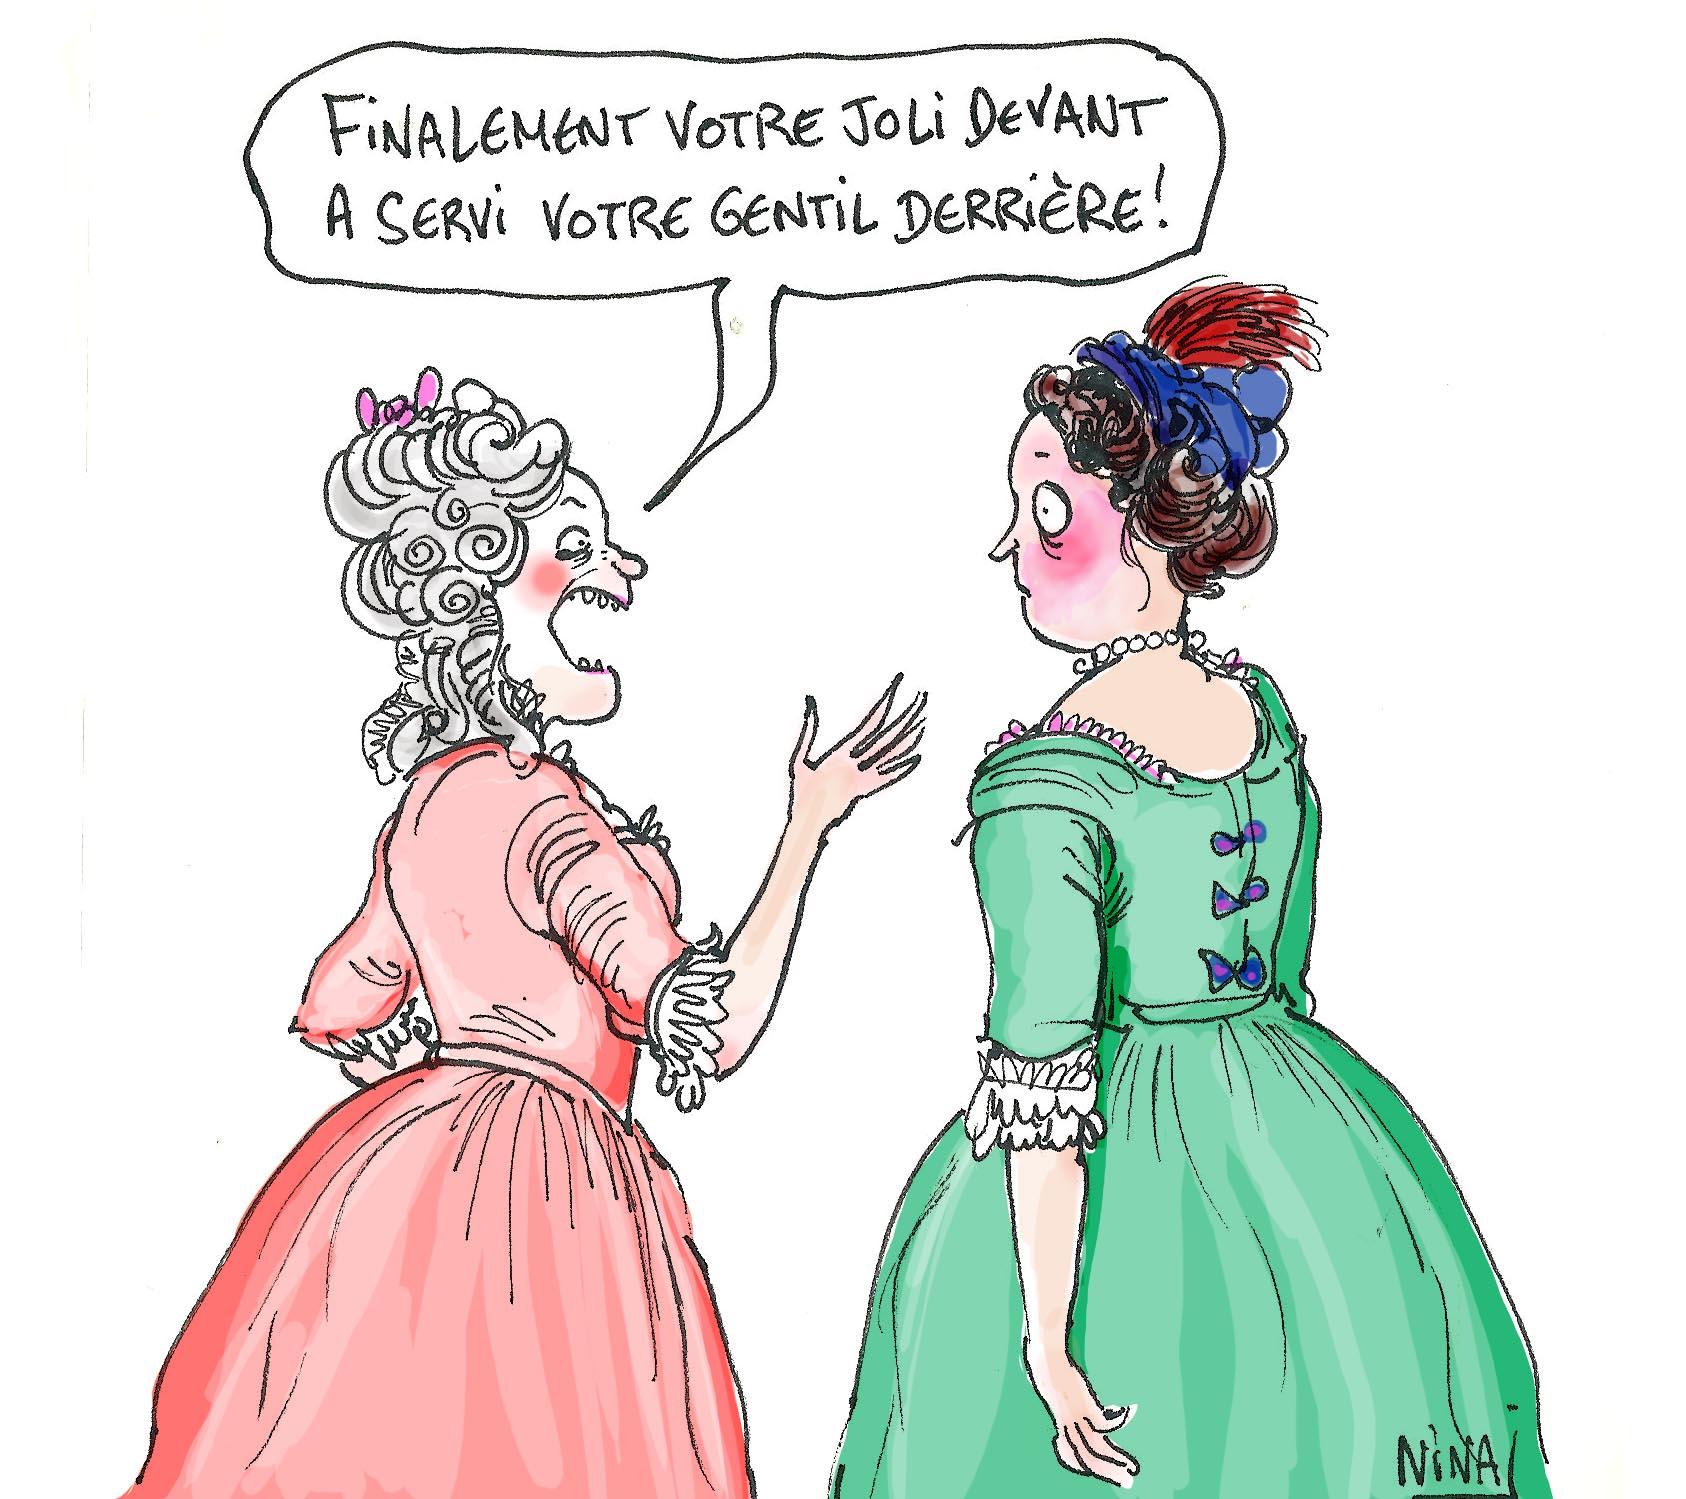 Madame ad la de le torchon br le versailles raconte - Il couche avec sa belle mere pour une nuit ...